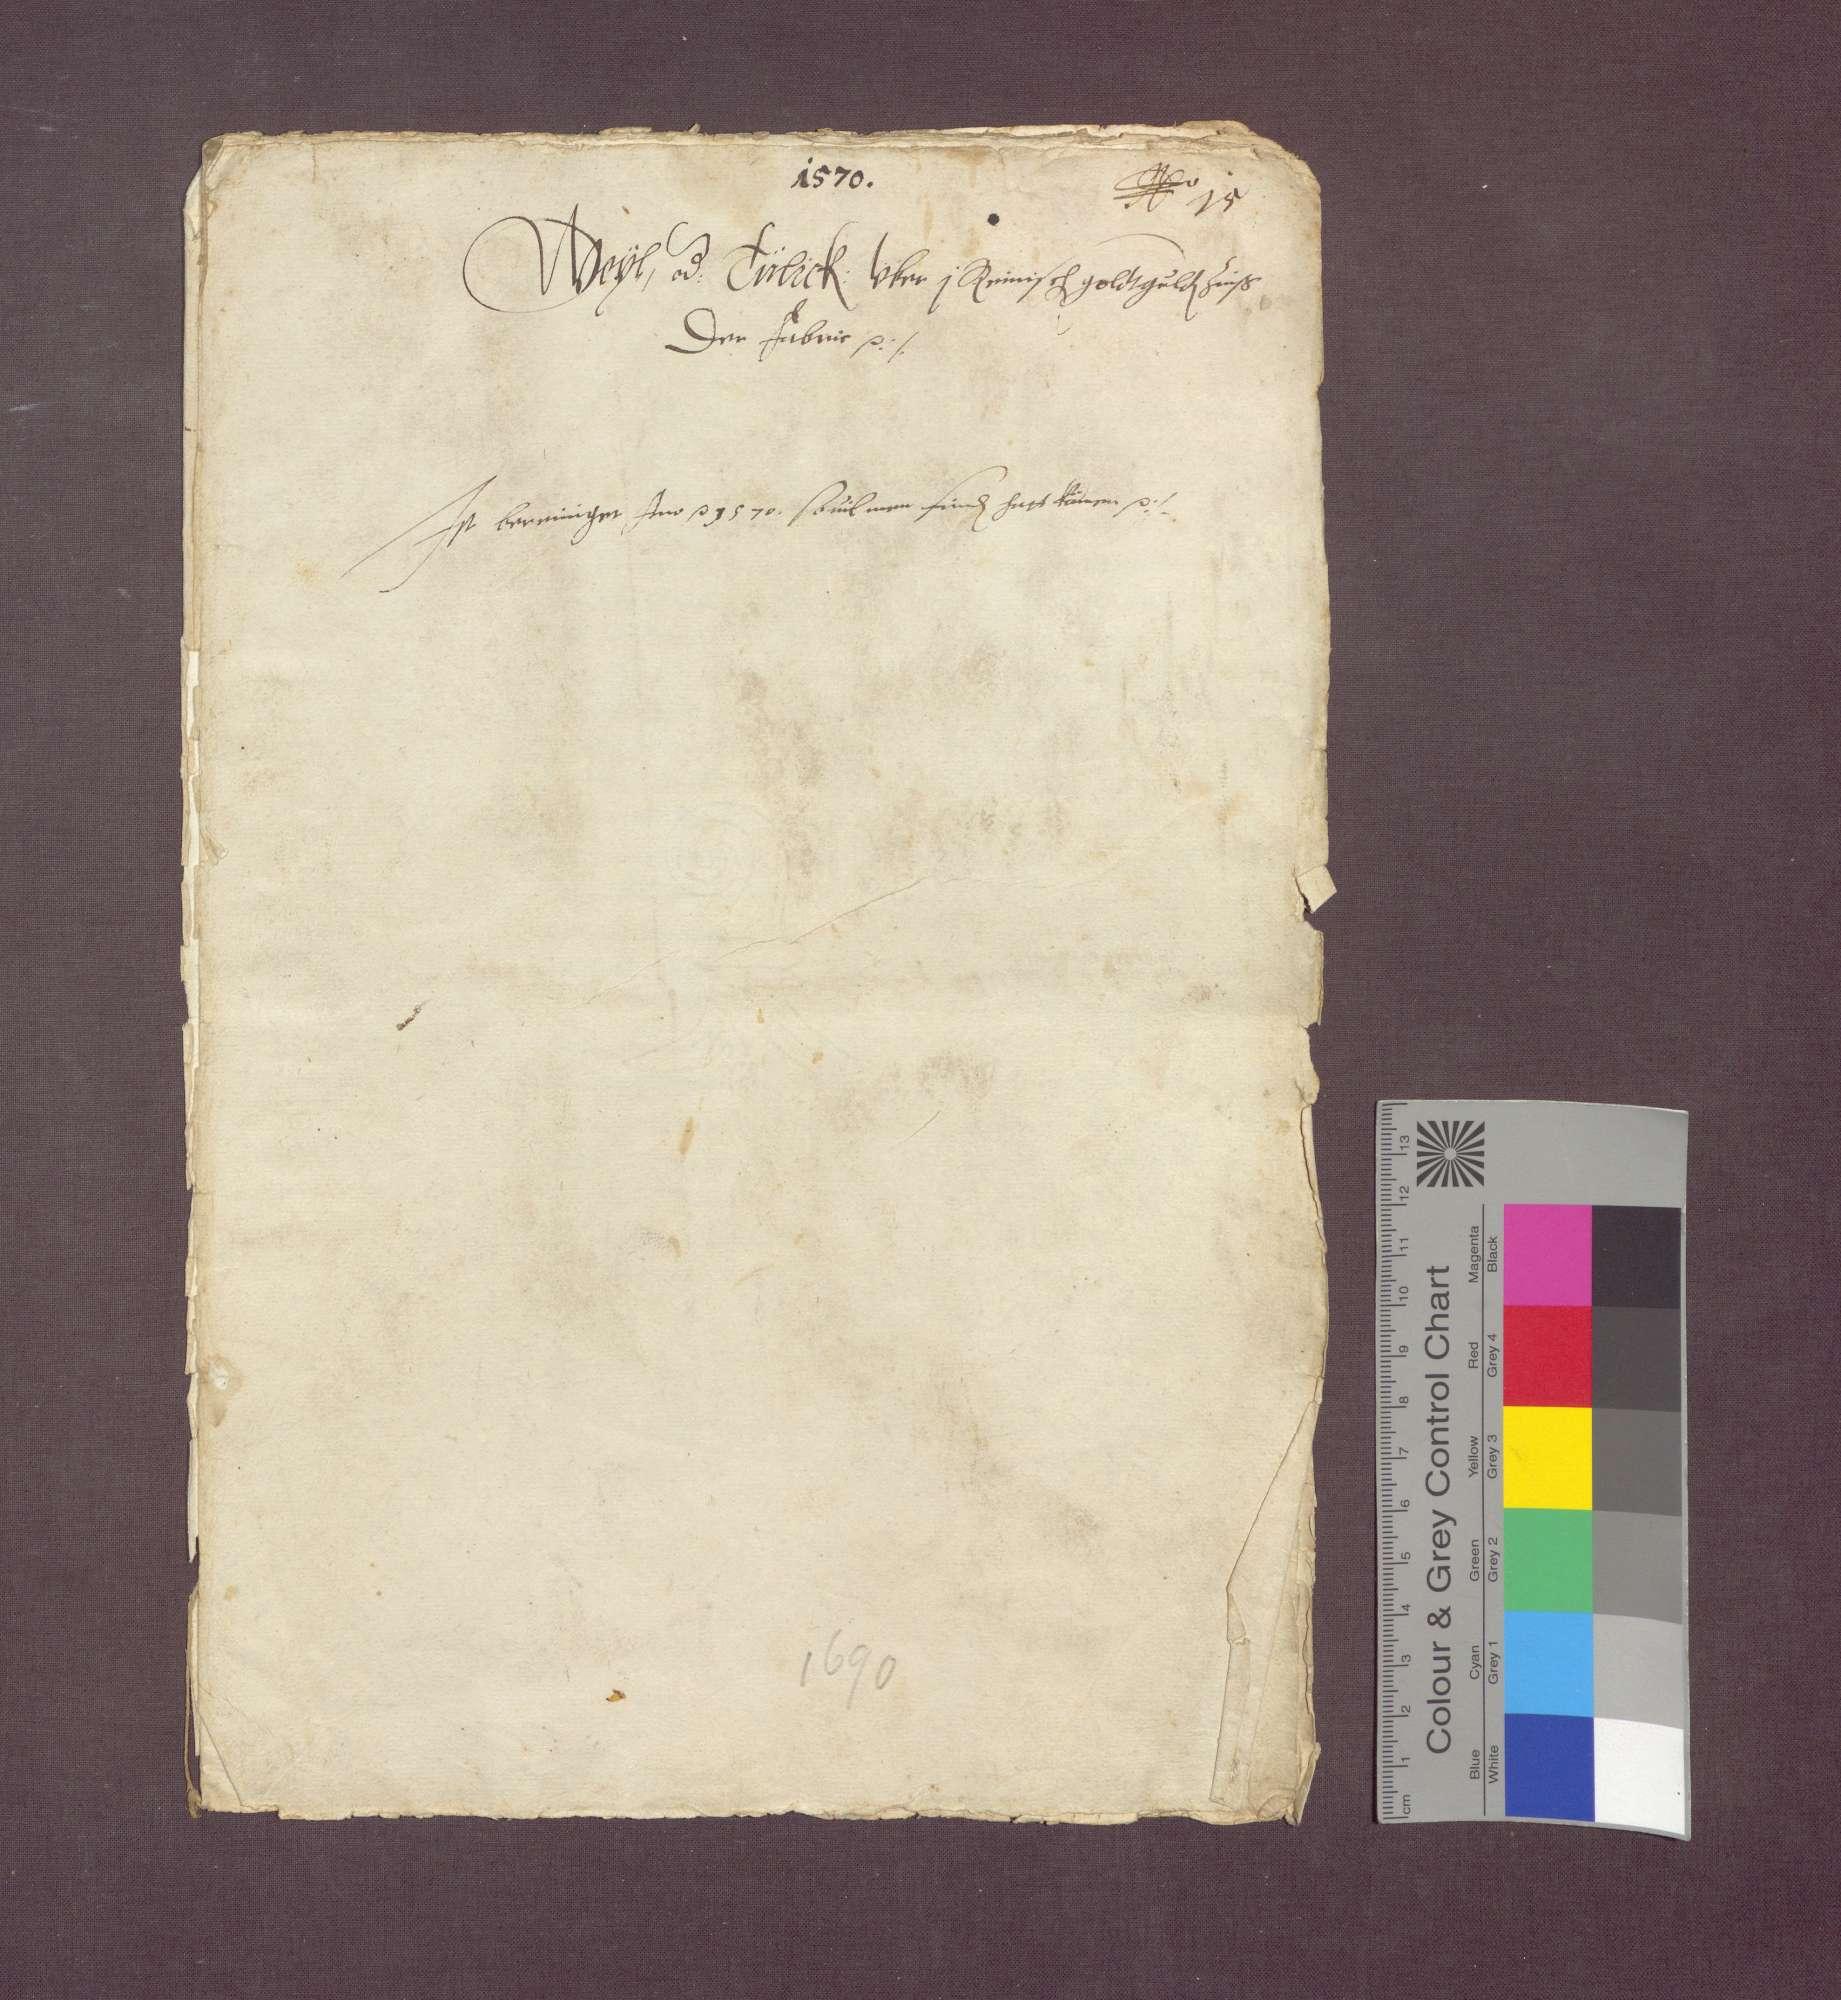 Gültverschreibung des Lienhart Rinckly von Weil gegenüber Heinrich Spitz daselbst nebst zugehörigen Briefen., Bild 1